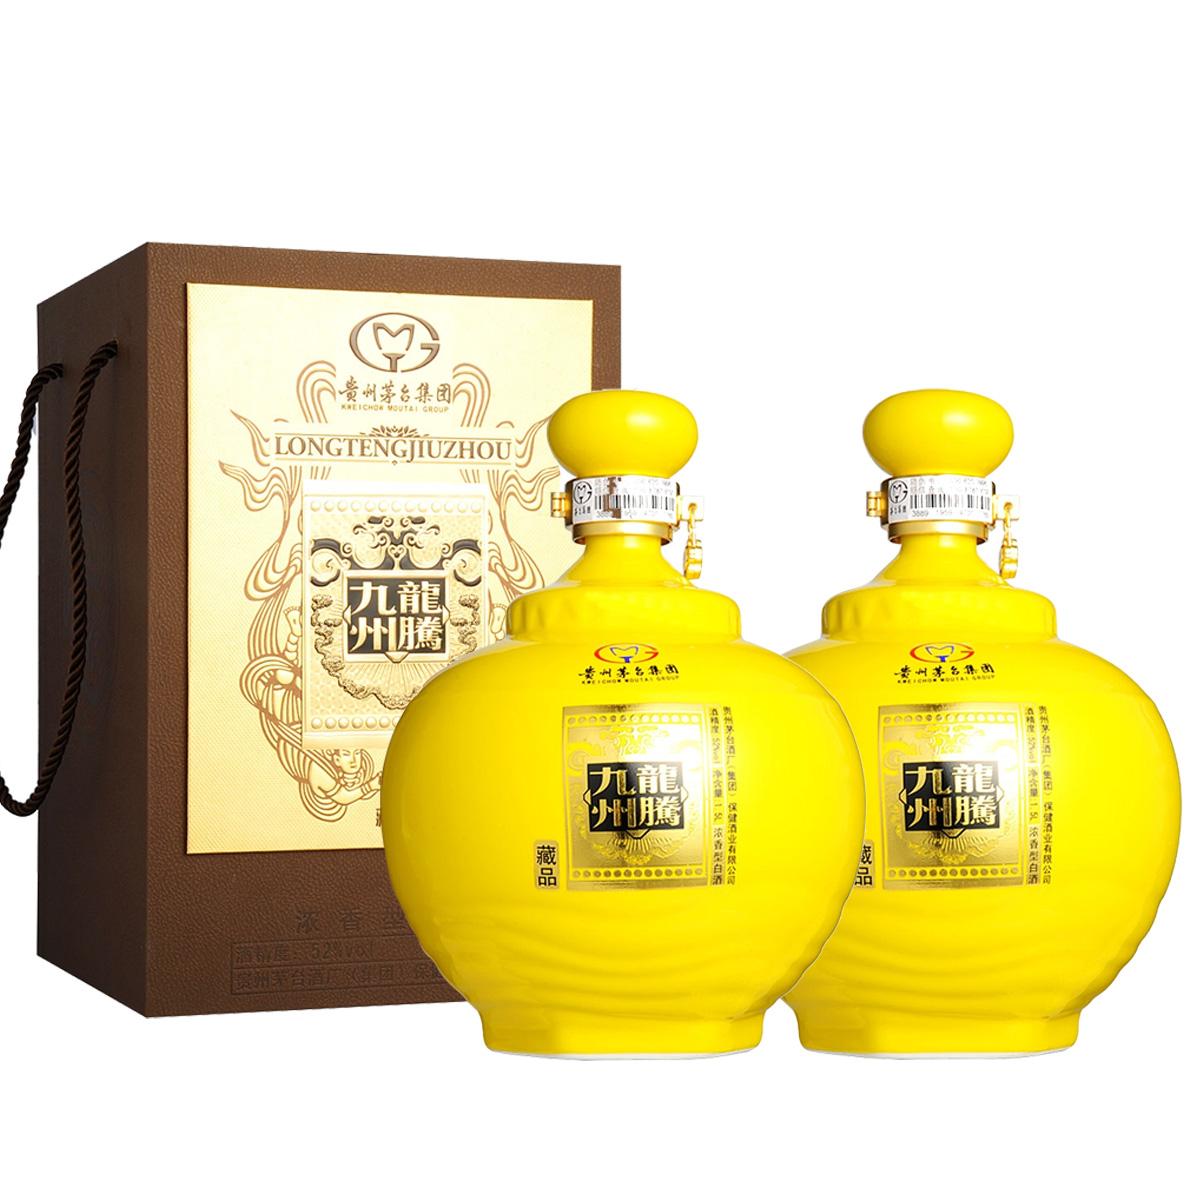 【老酒特卖】52°茅台集团龙腾九州藏品1500ml(2014-2015年)双瓶套